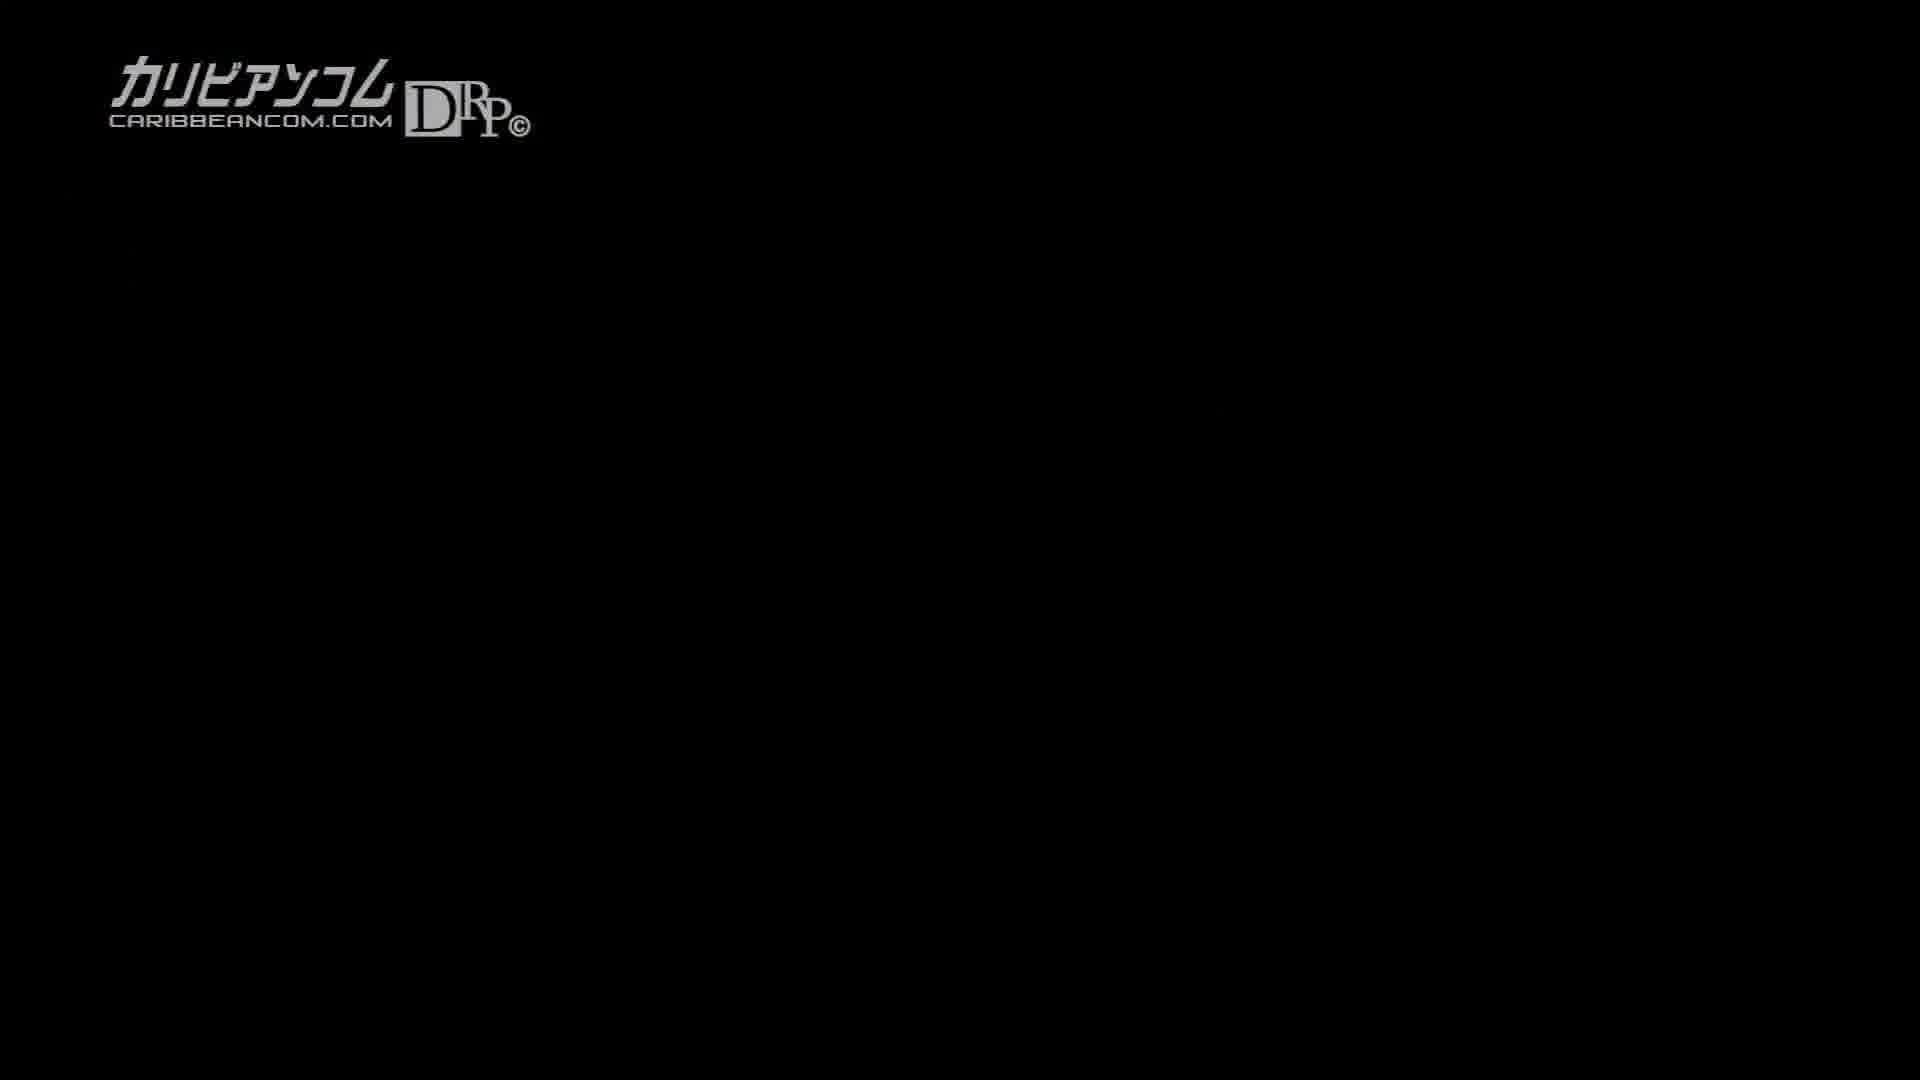 極上泡姫物語 Vol.49 - 愛乃まほろ【ギャル・巨乳・コスプレ】